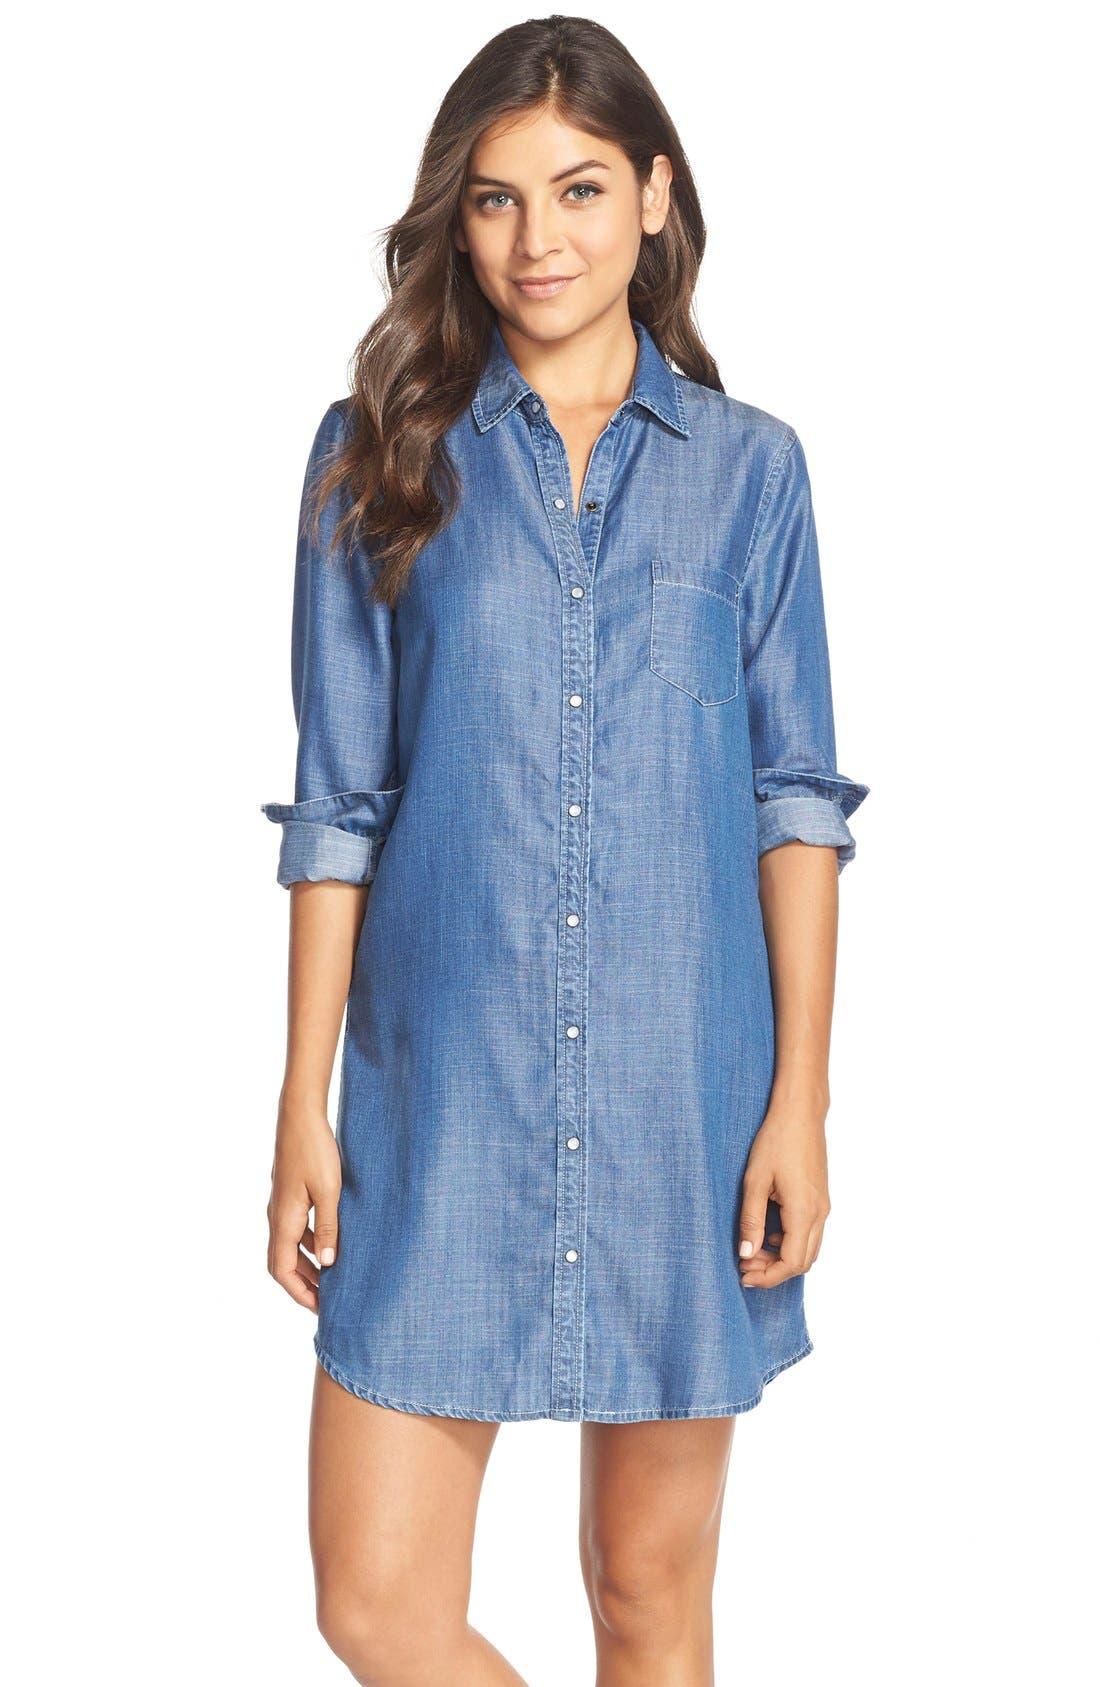 Main Image - Tart 'Jenine' Chambray Shirtdress